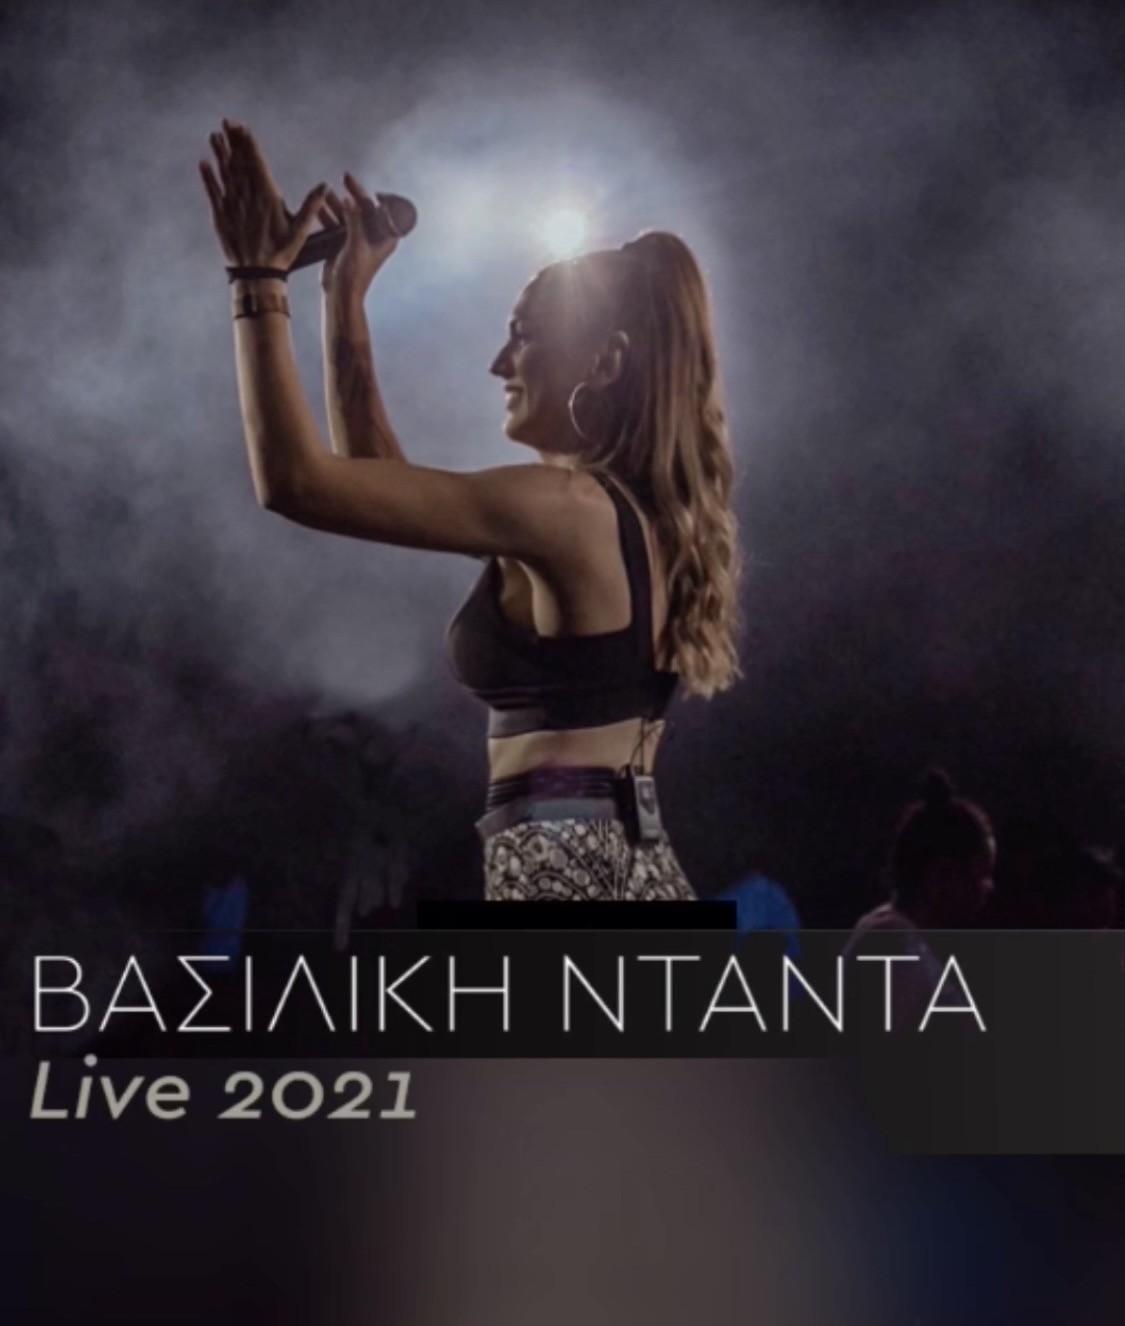 νέο live cover από την Βασιλική Νταντά